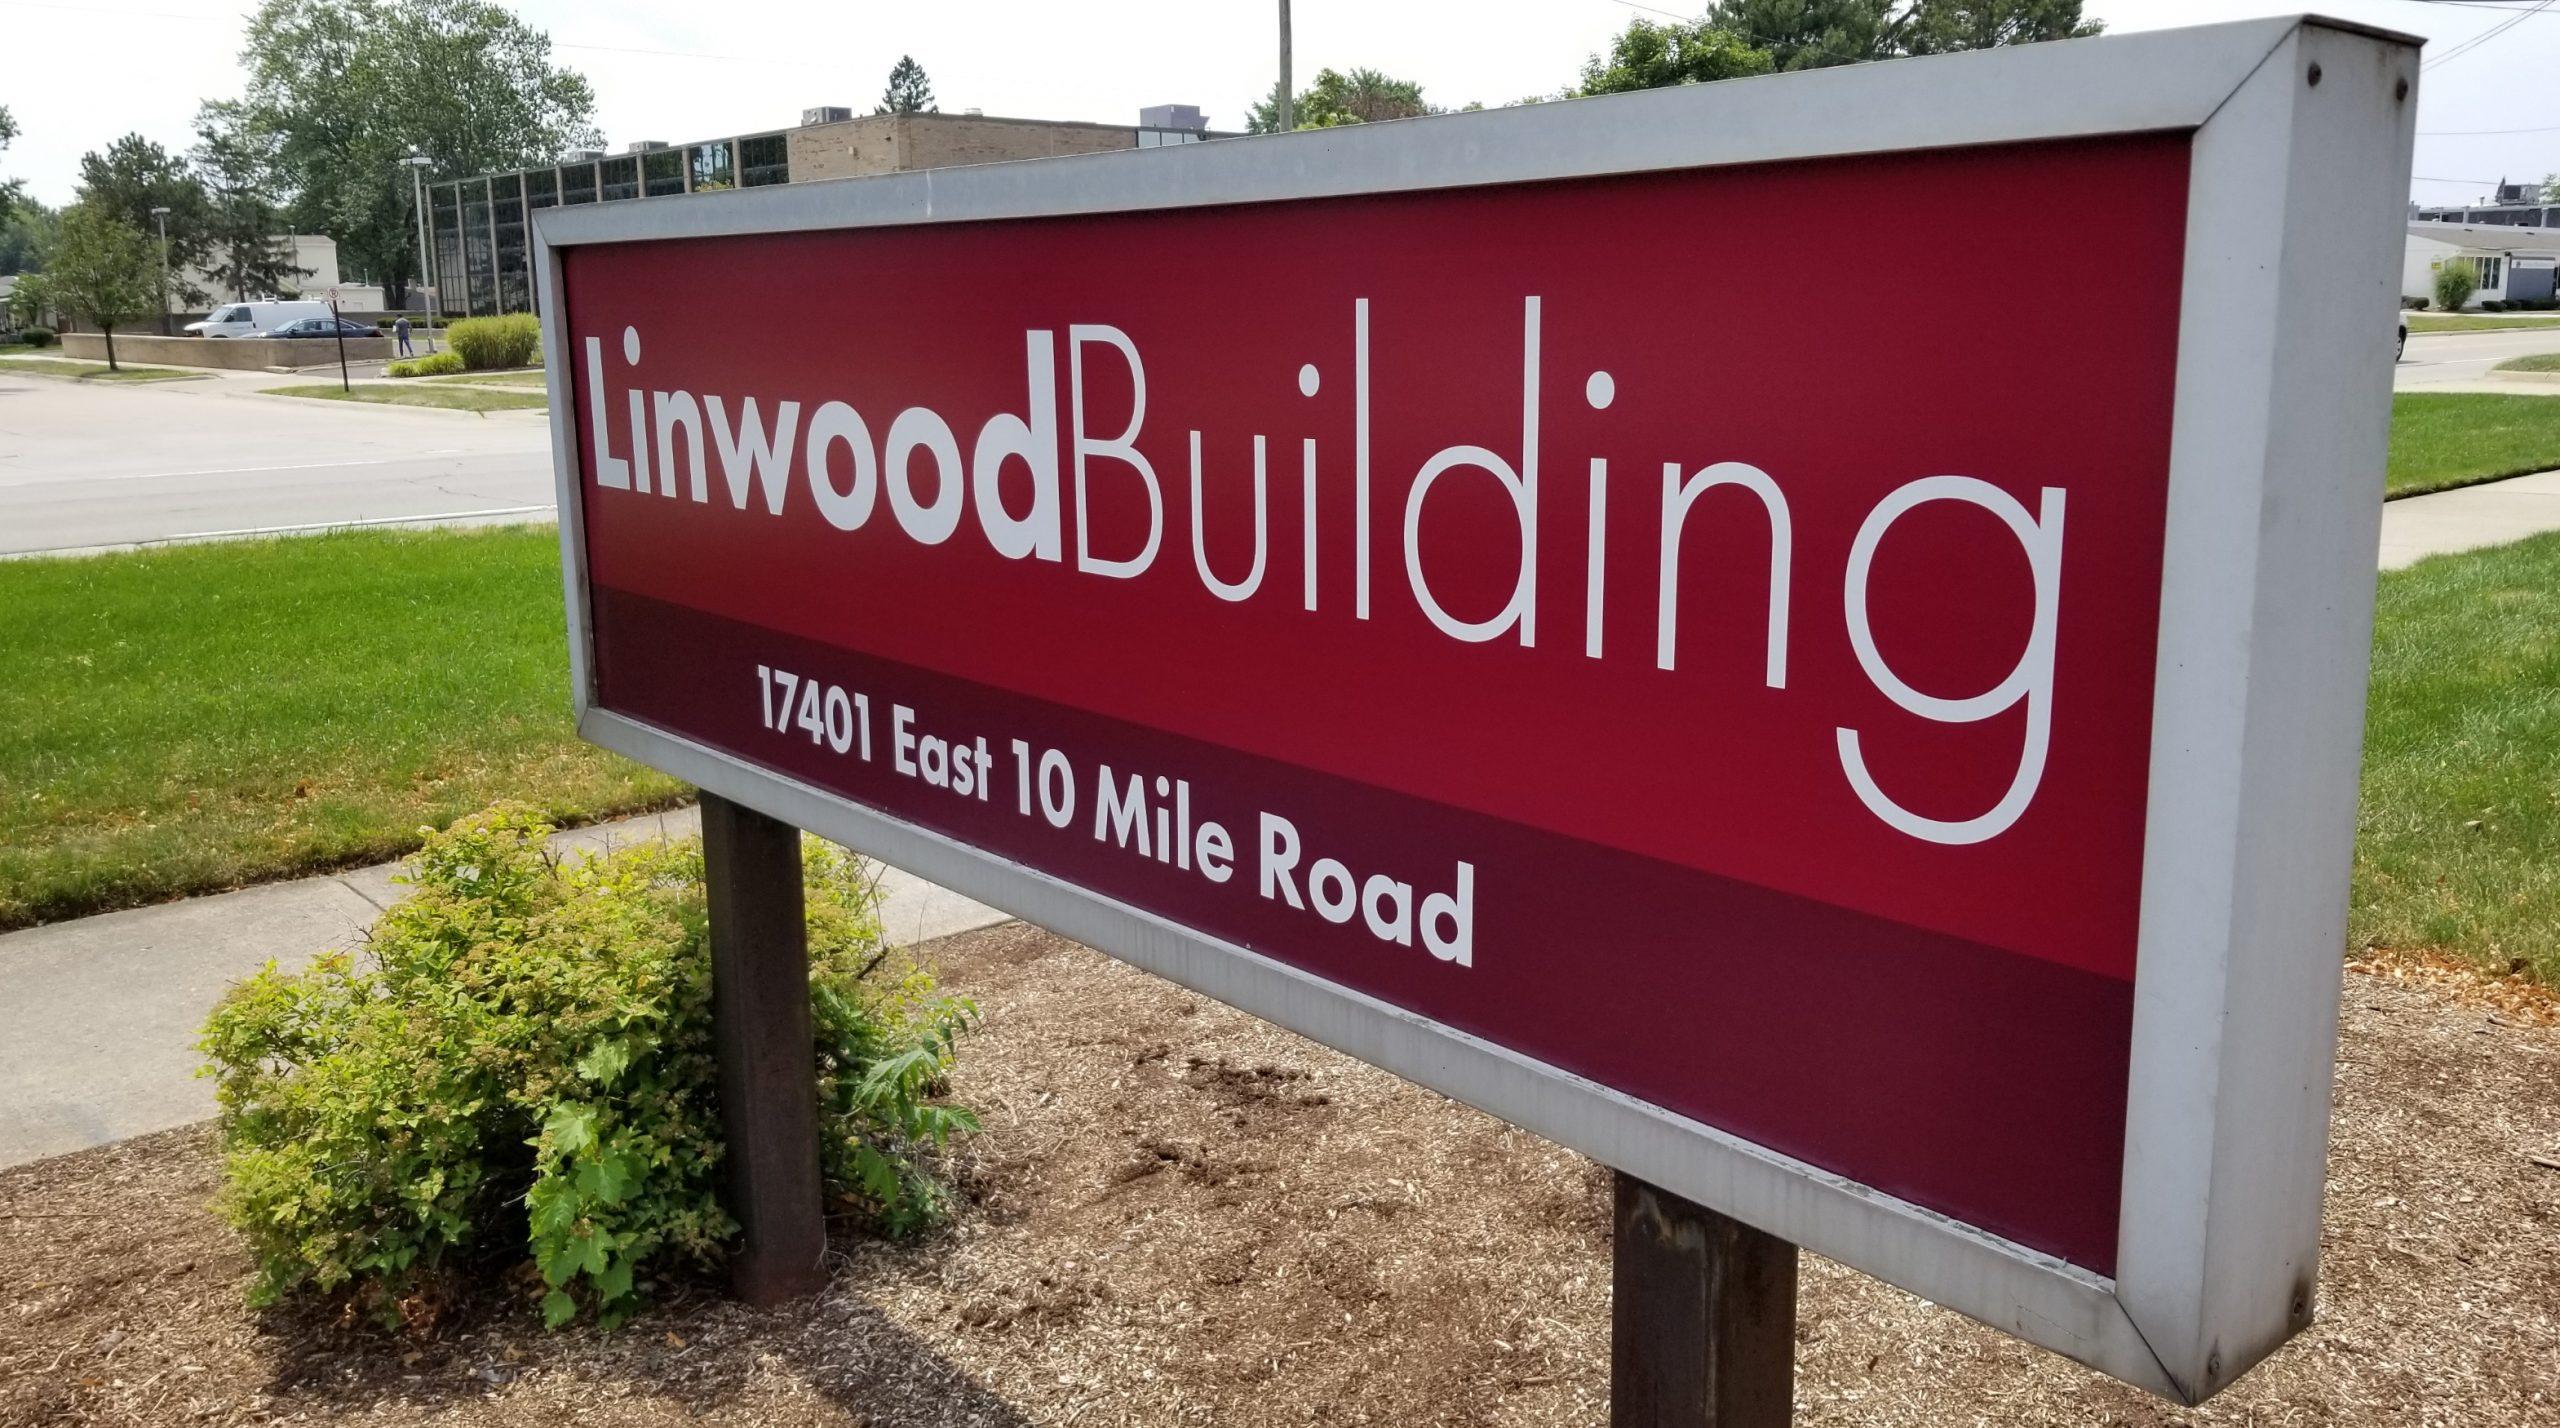 Linwood Building - Sign - After